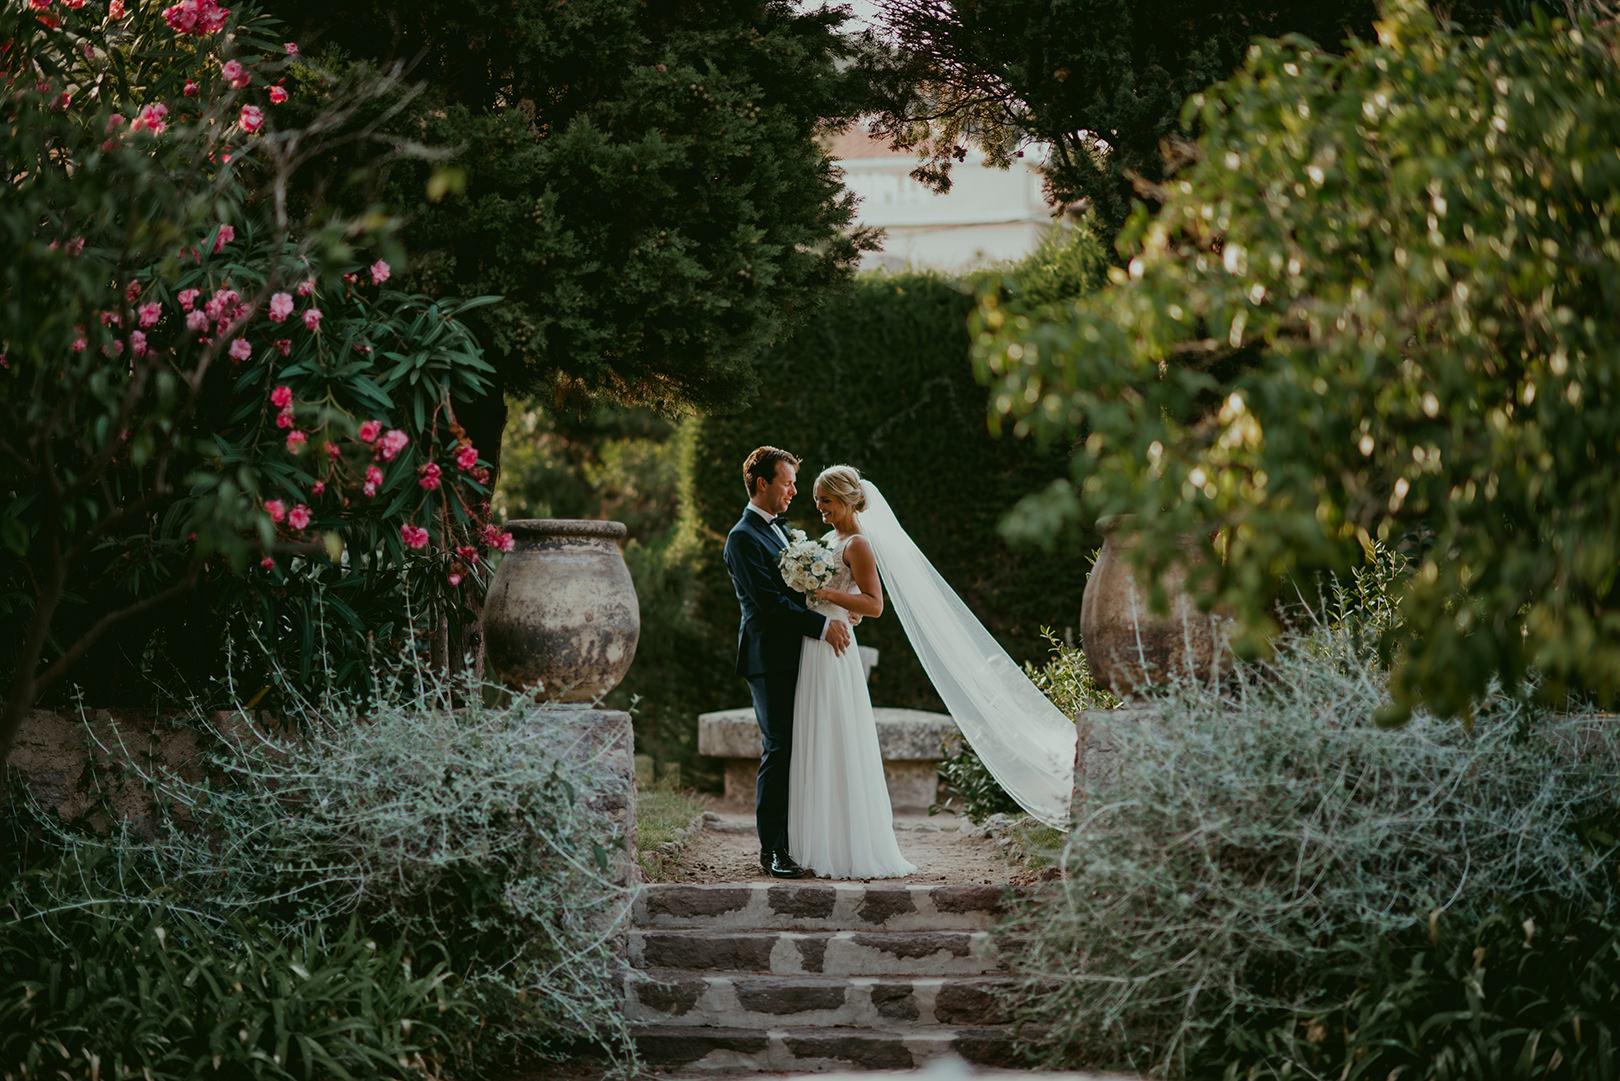 Beautiful wedding photo in Chateau de la Napoule